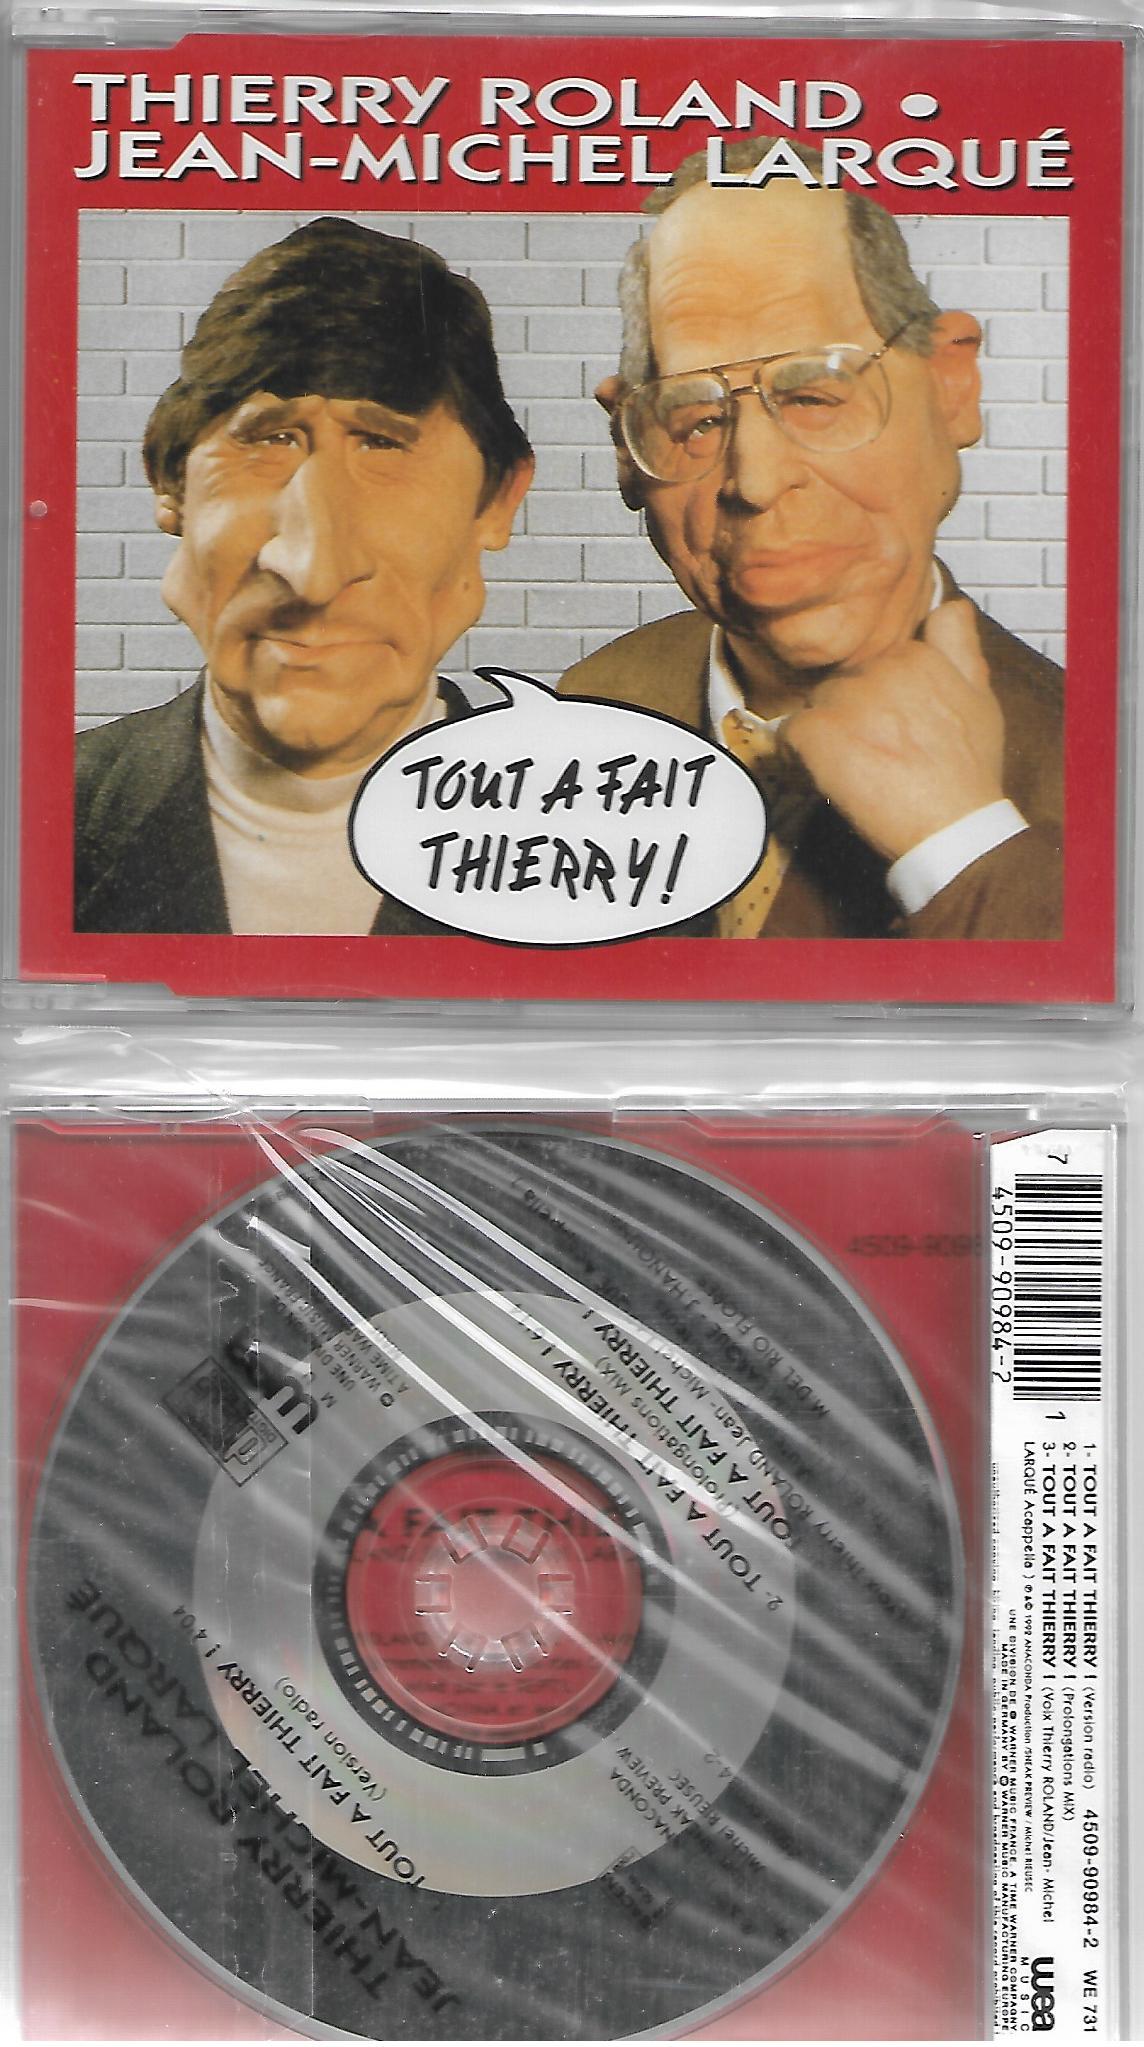 THIERRY ROLAND & JEAN-MICHEL LARQUE - Tout a fait Thierry 3-track jewel case - MCD